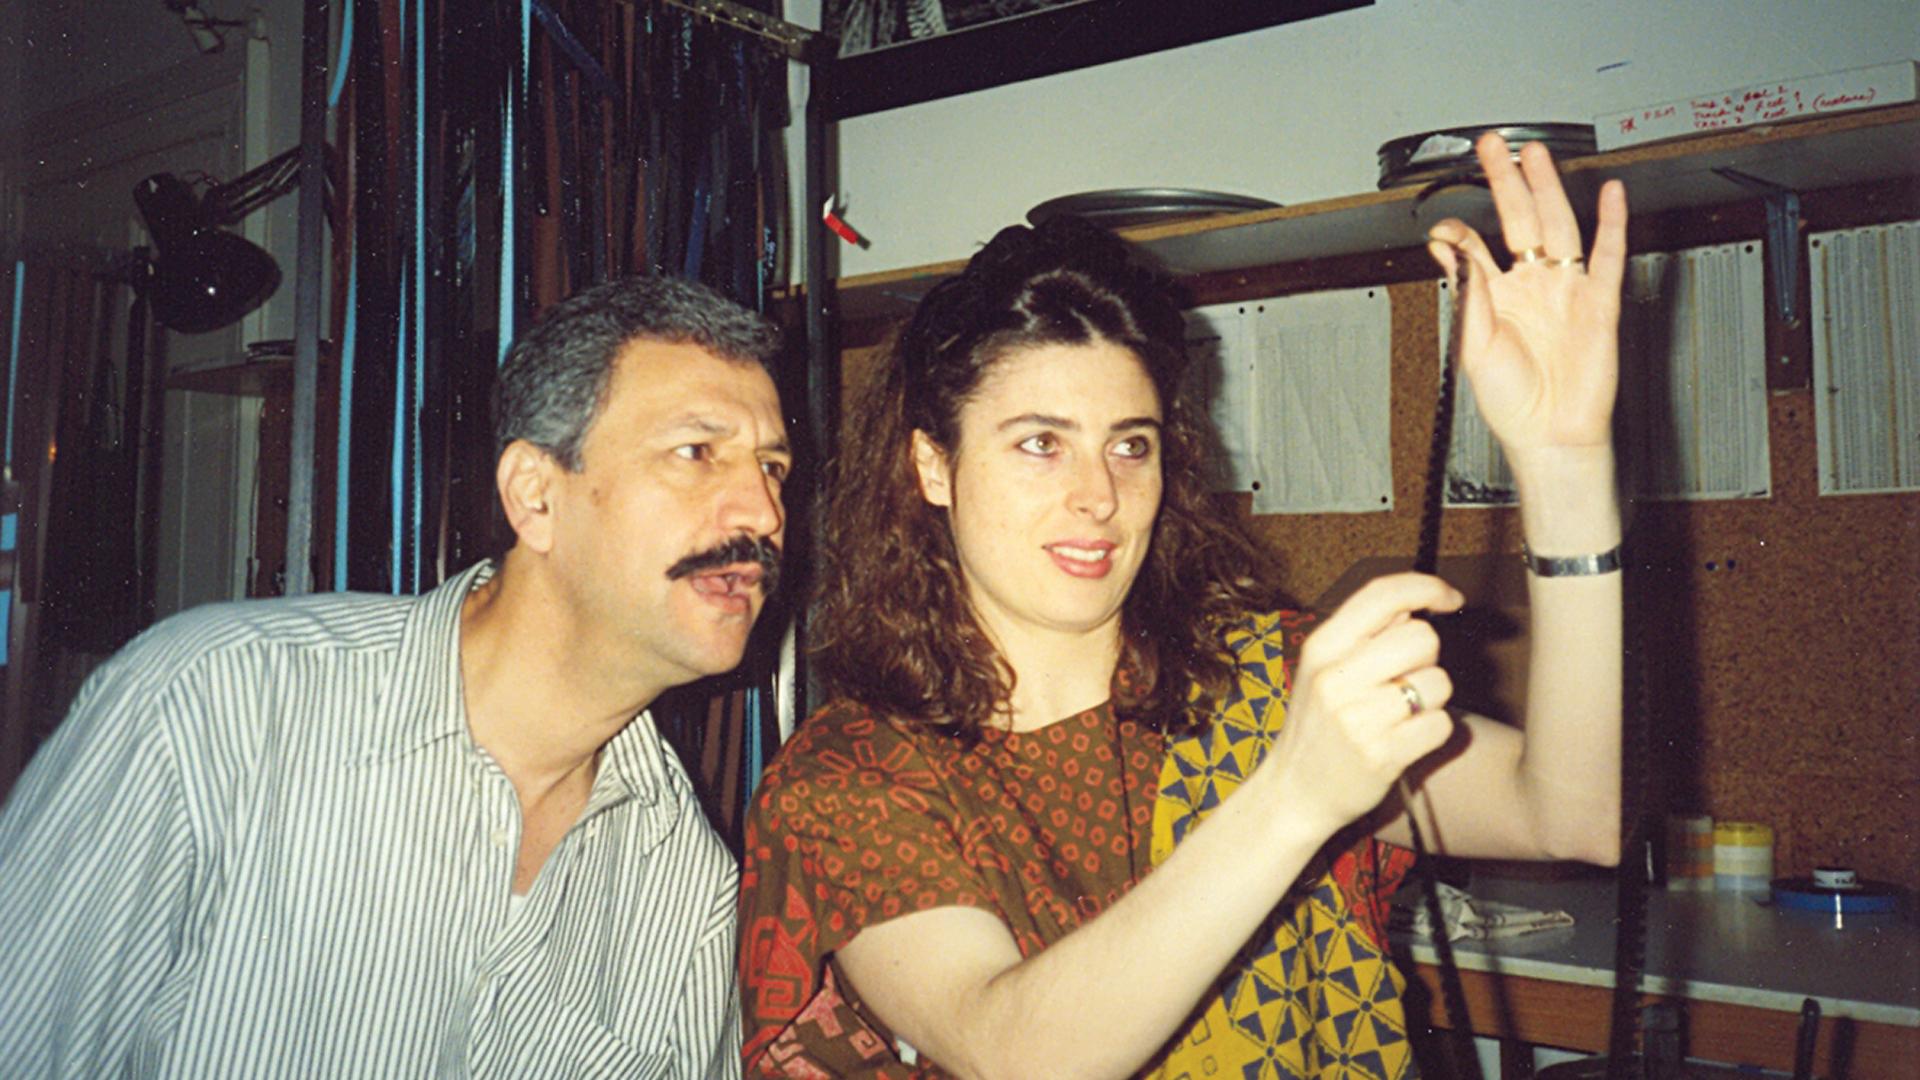 جان شمعون... الفلسطيني الهوى